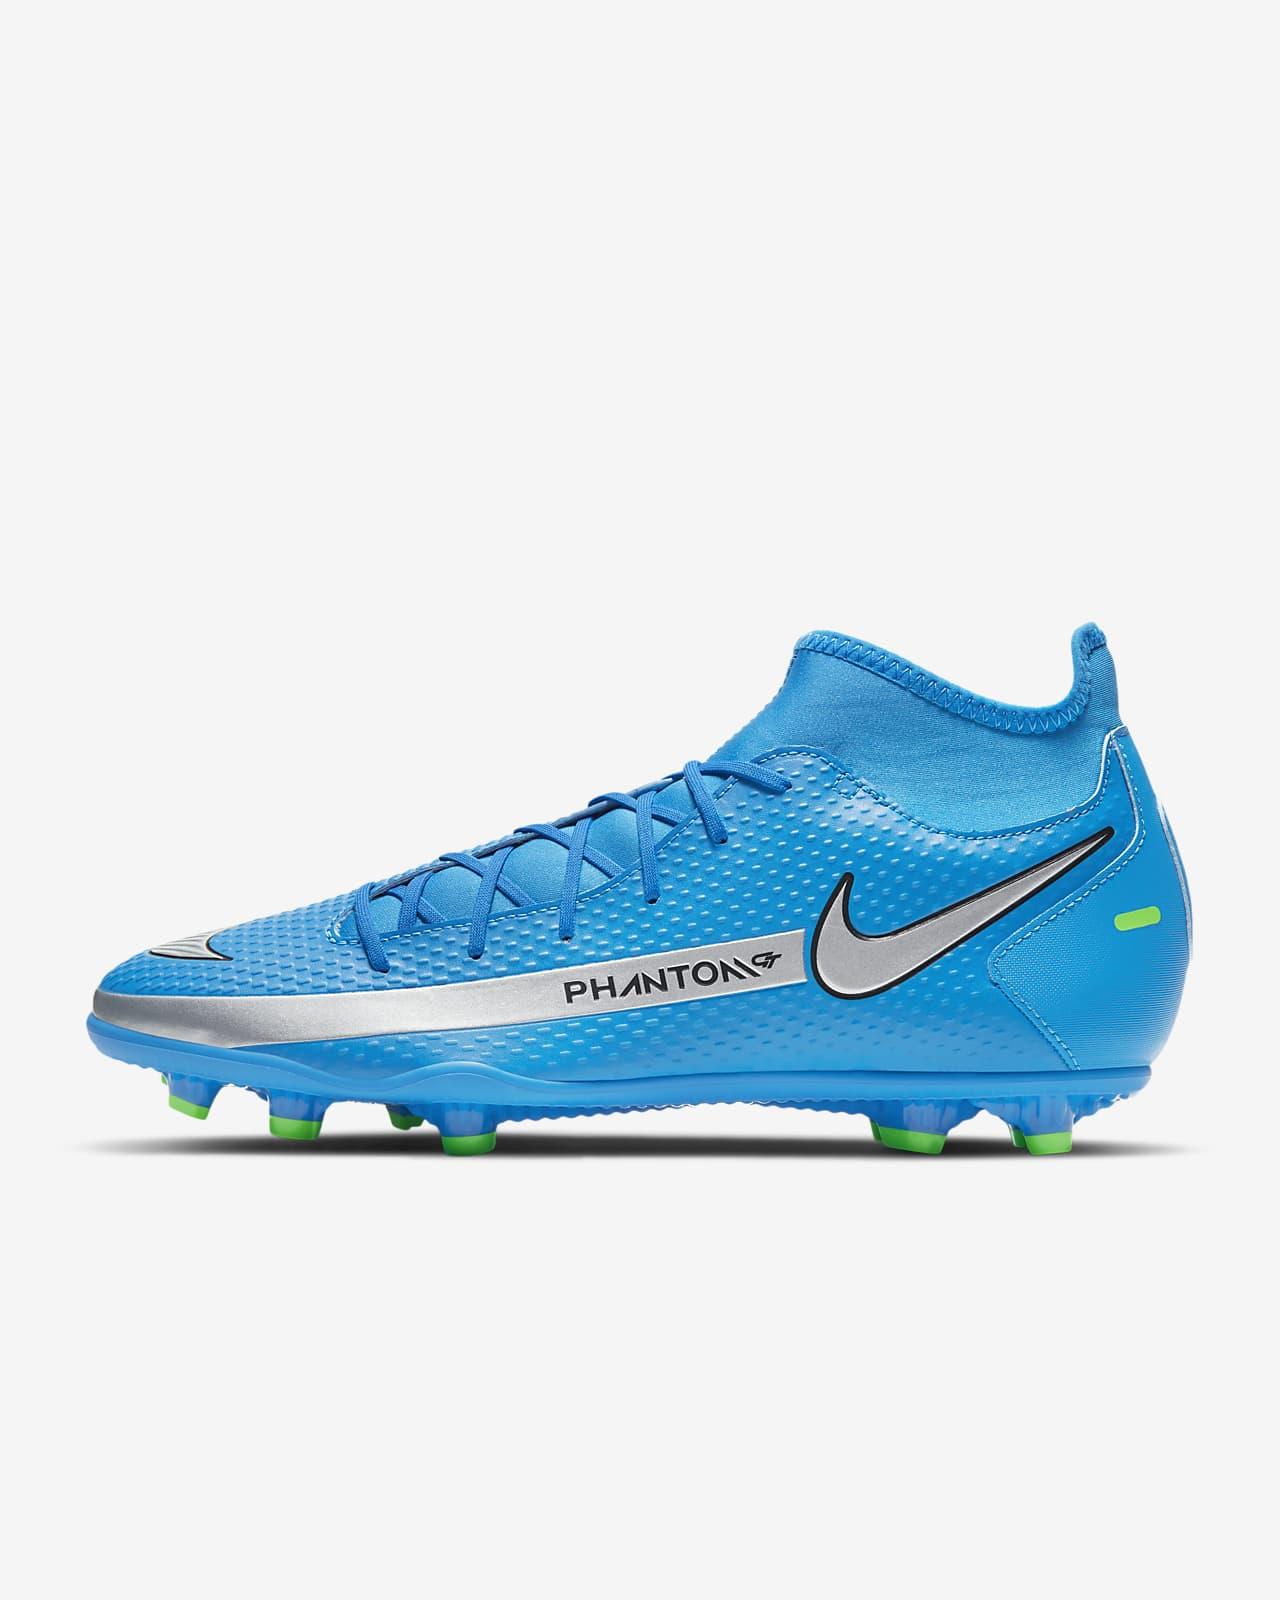 Nike Phantom GT Club Dynamic Fit MG Fußballschuh für verschiedene Böden